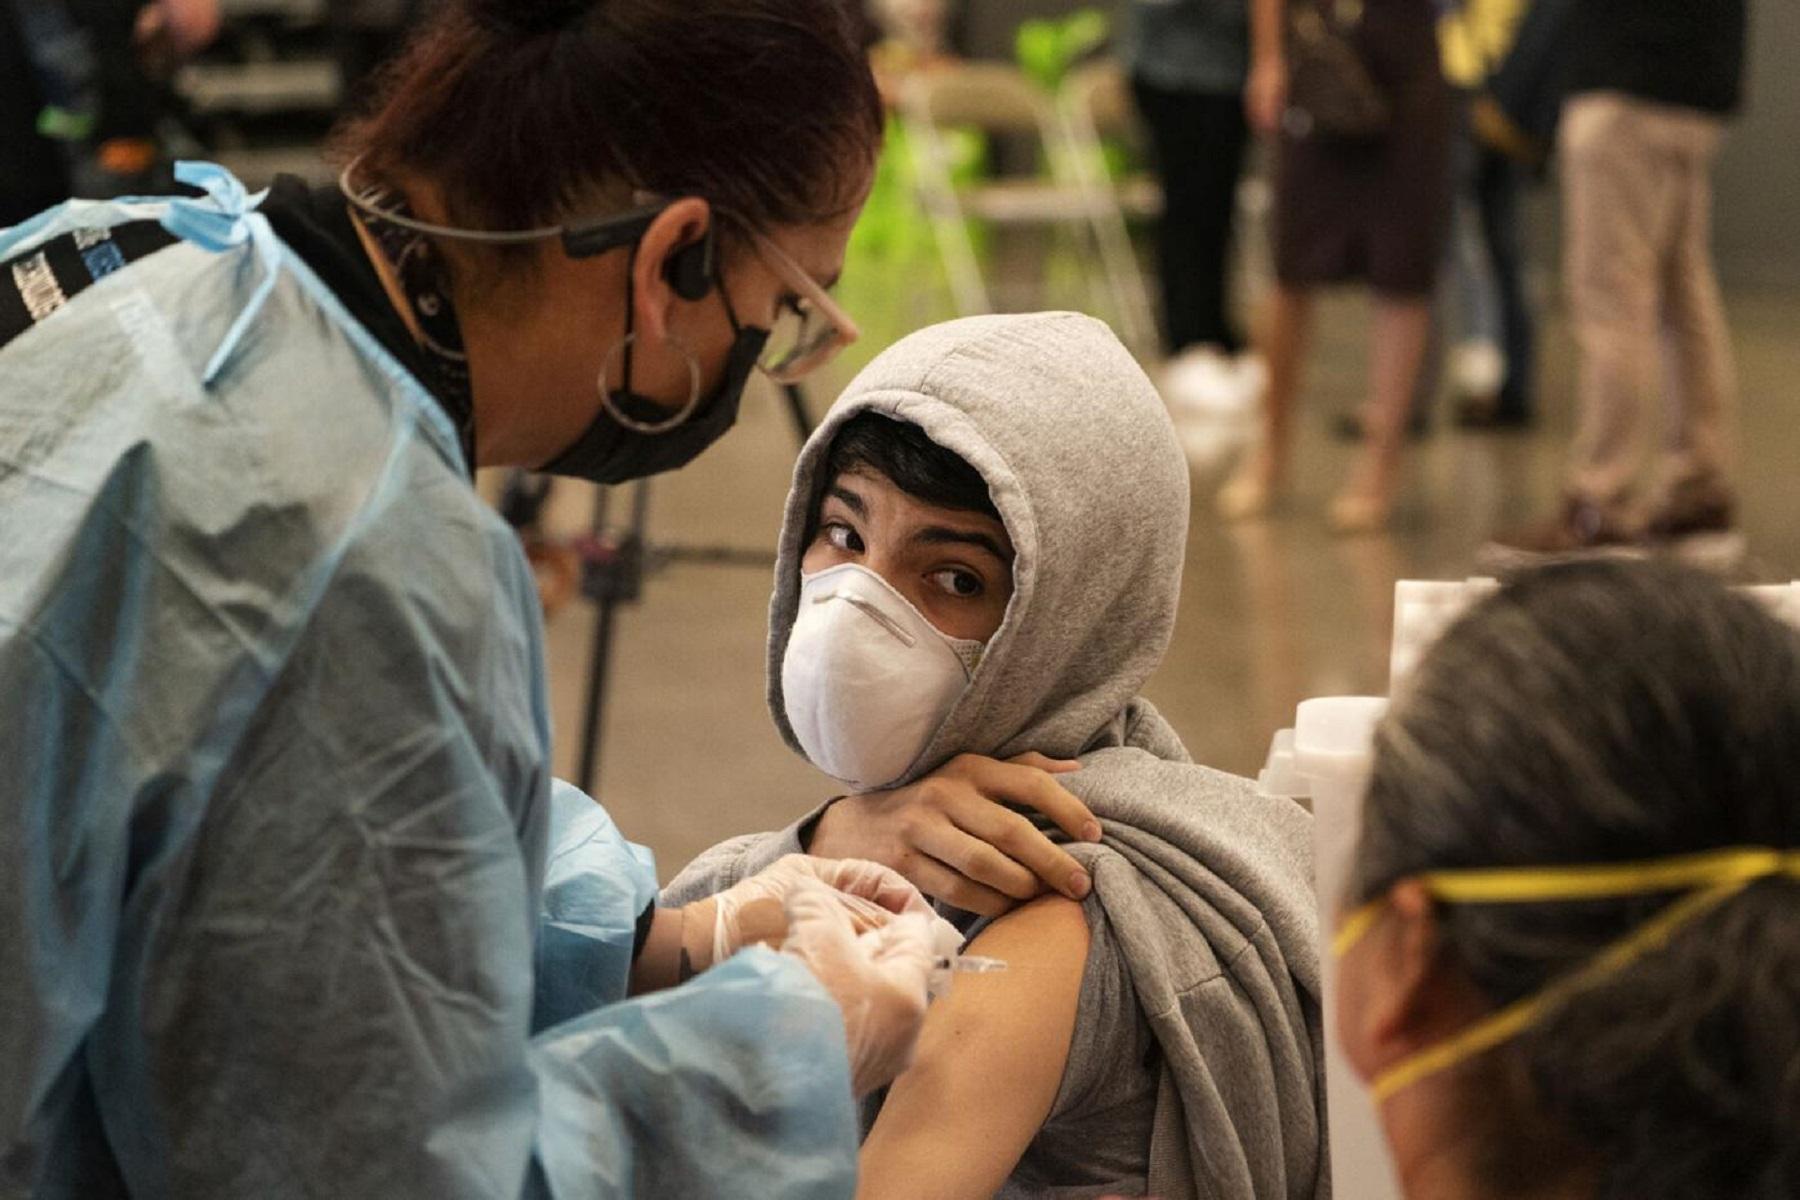 ΗΠΑ Εκπαίδευση Κορωνοϊός: Τα σχολεία δοκιμάζουν τακτικές για τον εμβολιασμό των μαθητών